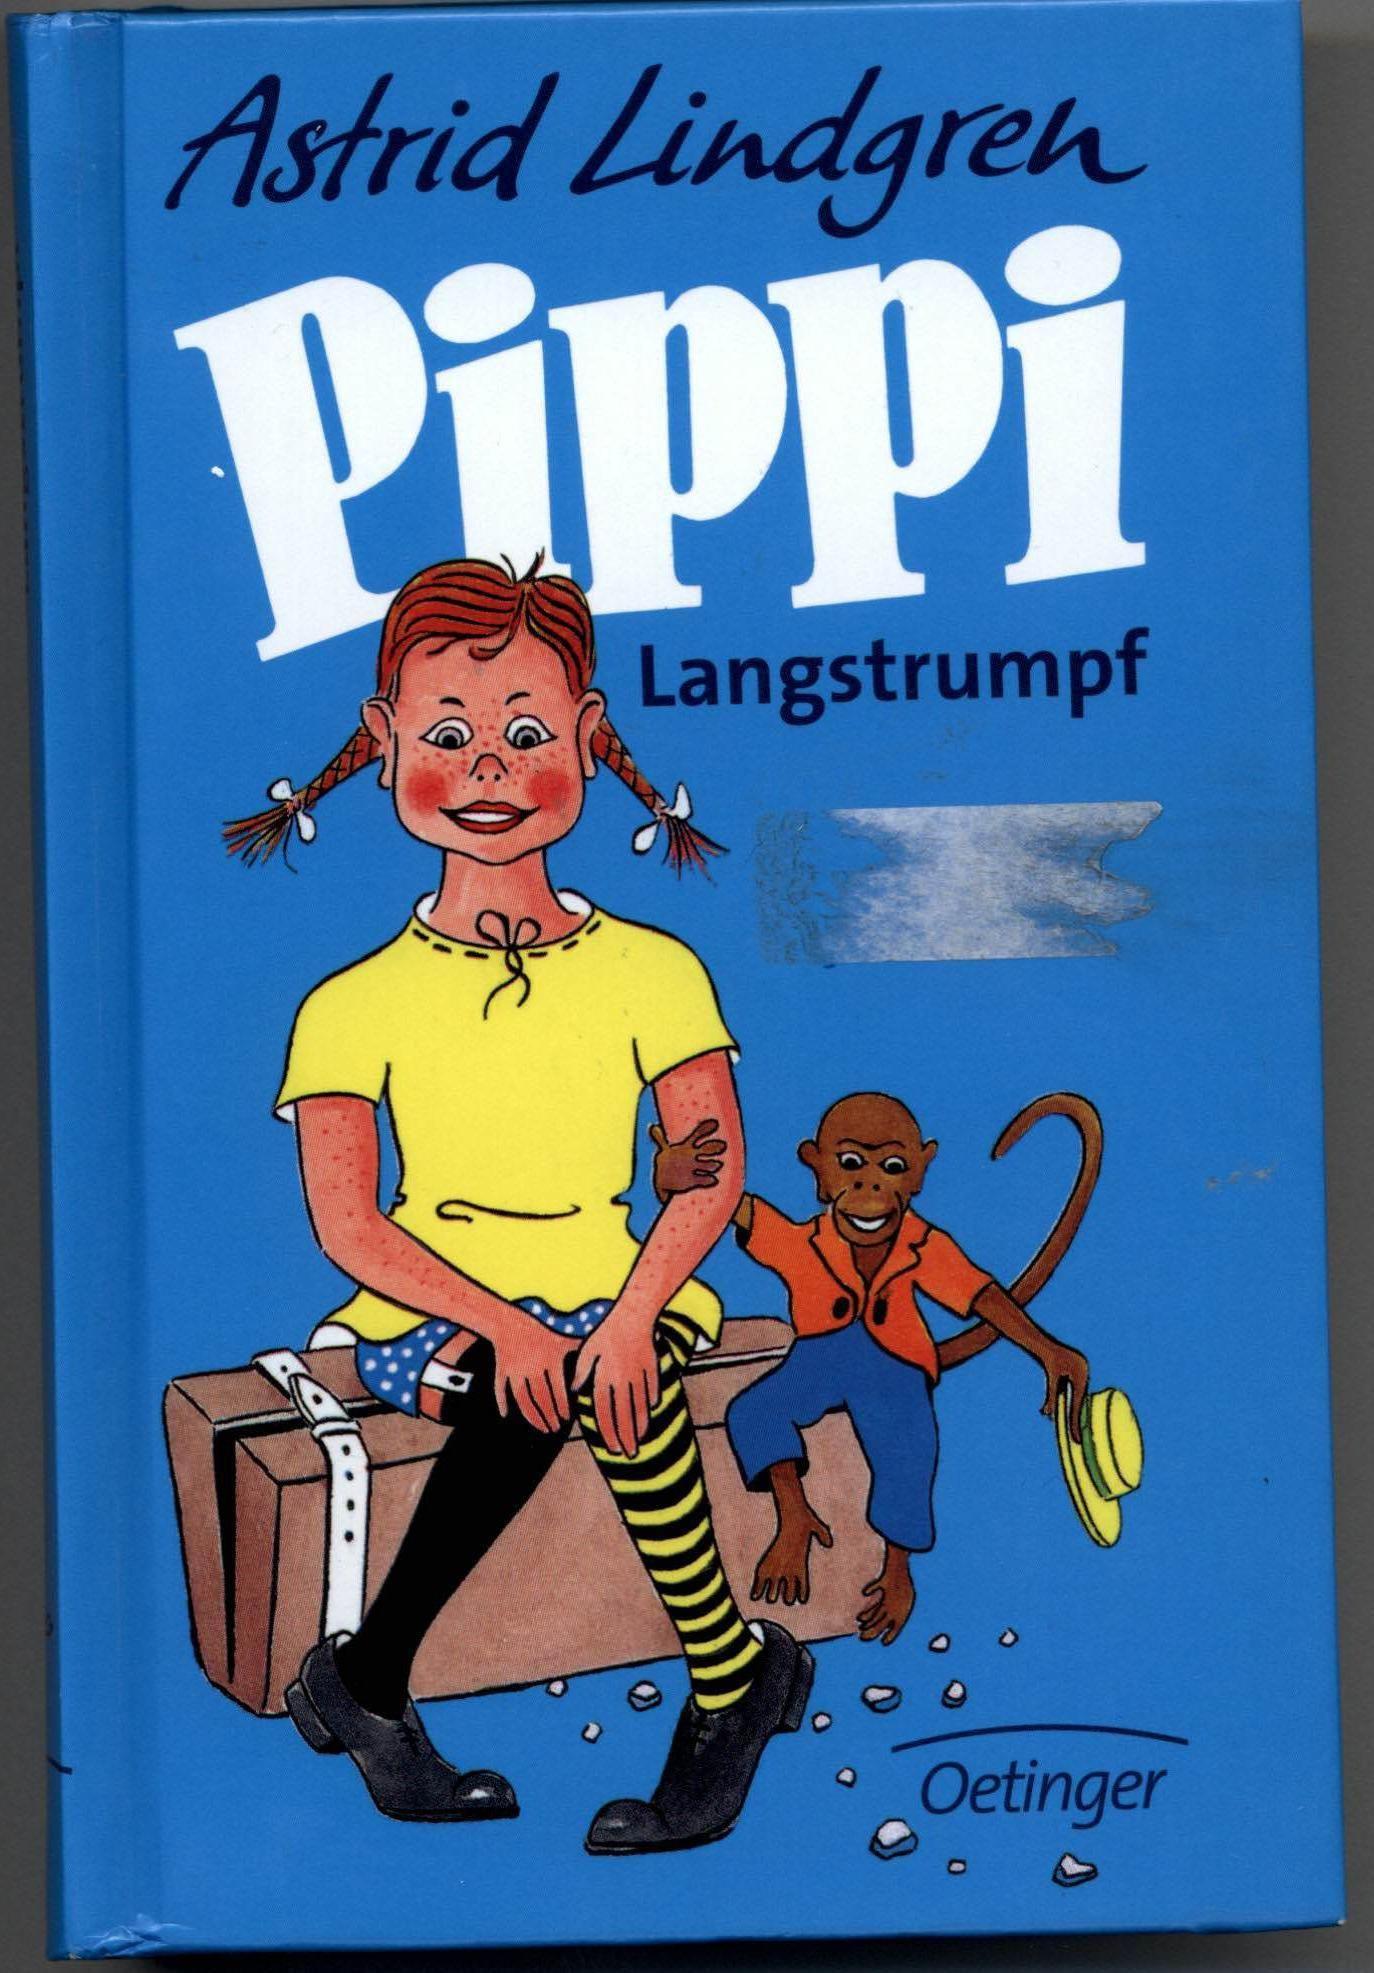 Pippi Langstrumpf Akkorde Das Beste Von Pippi Langstrumpf by astrid Lindgren Stock